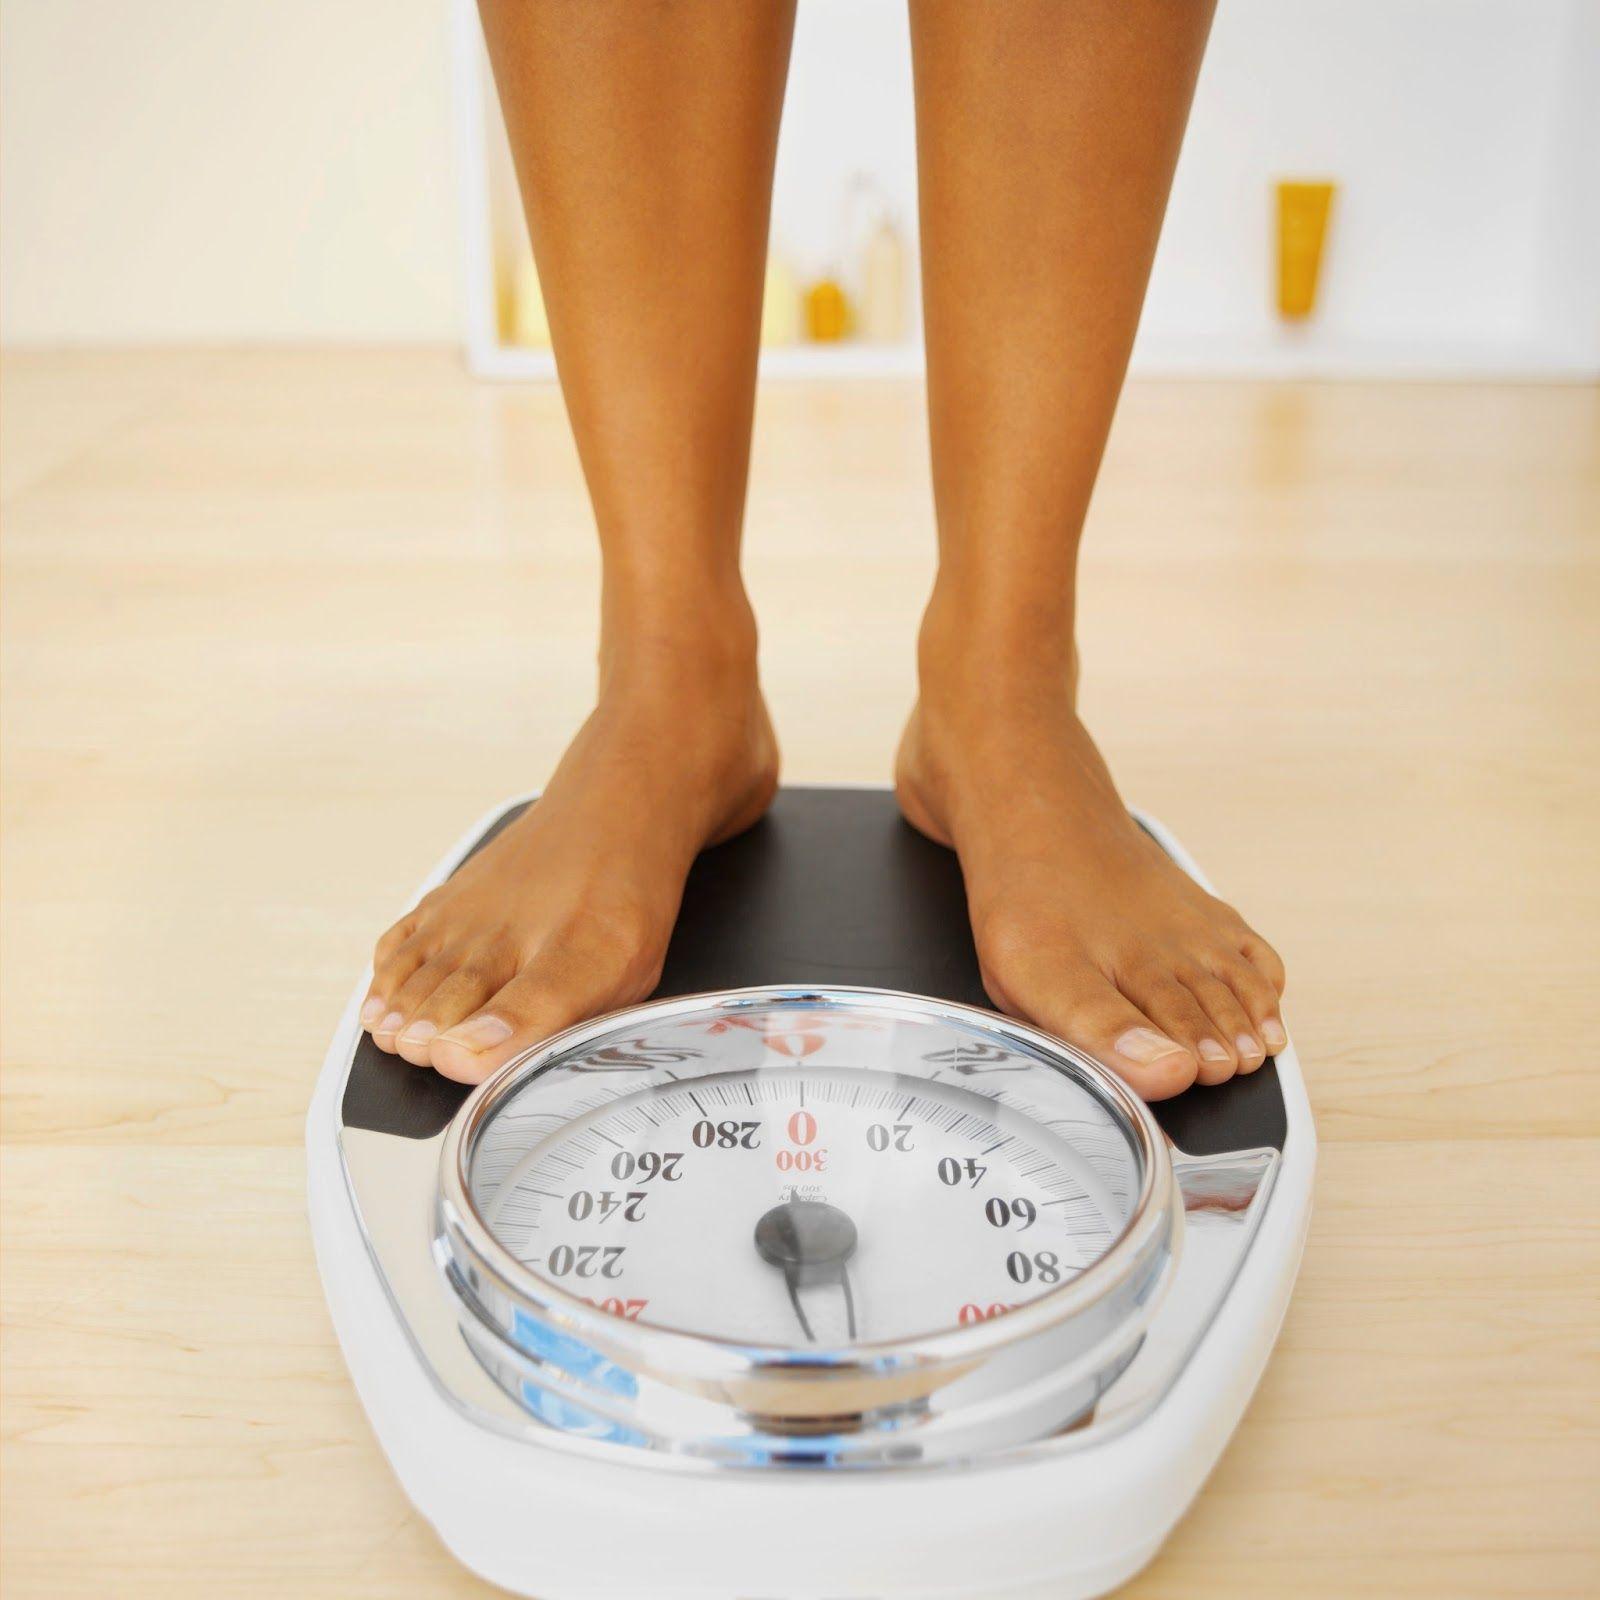 Чем можно сбросить лишний вес